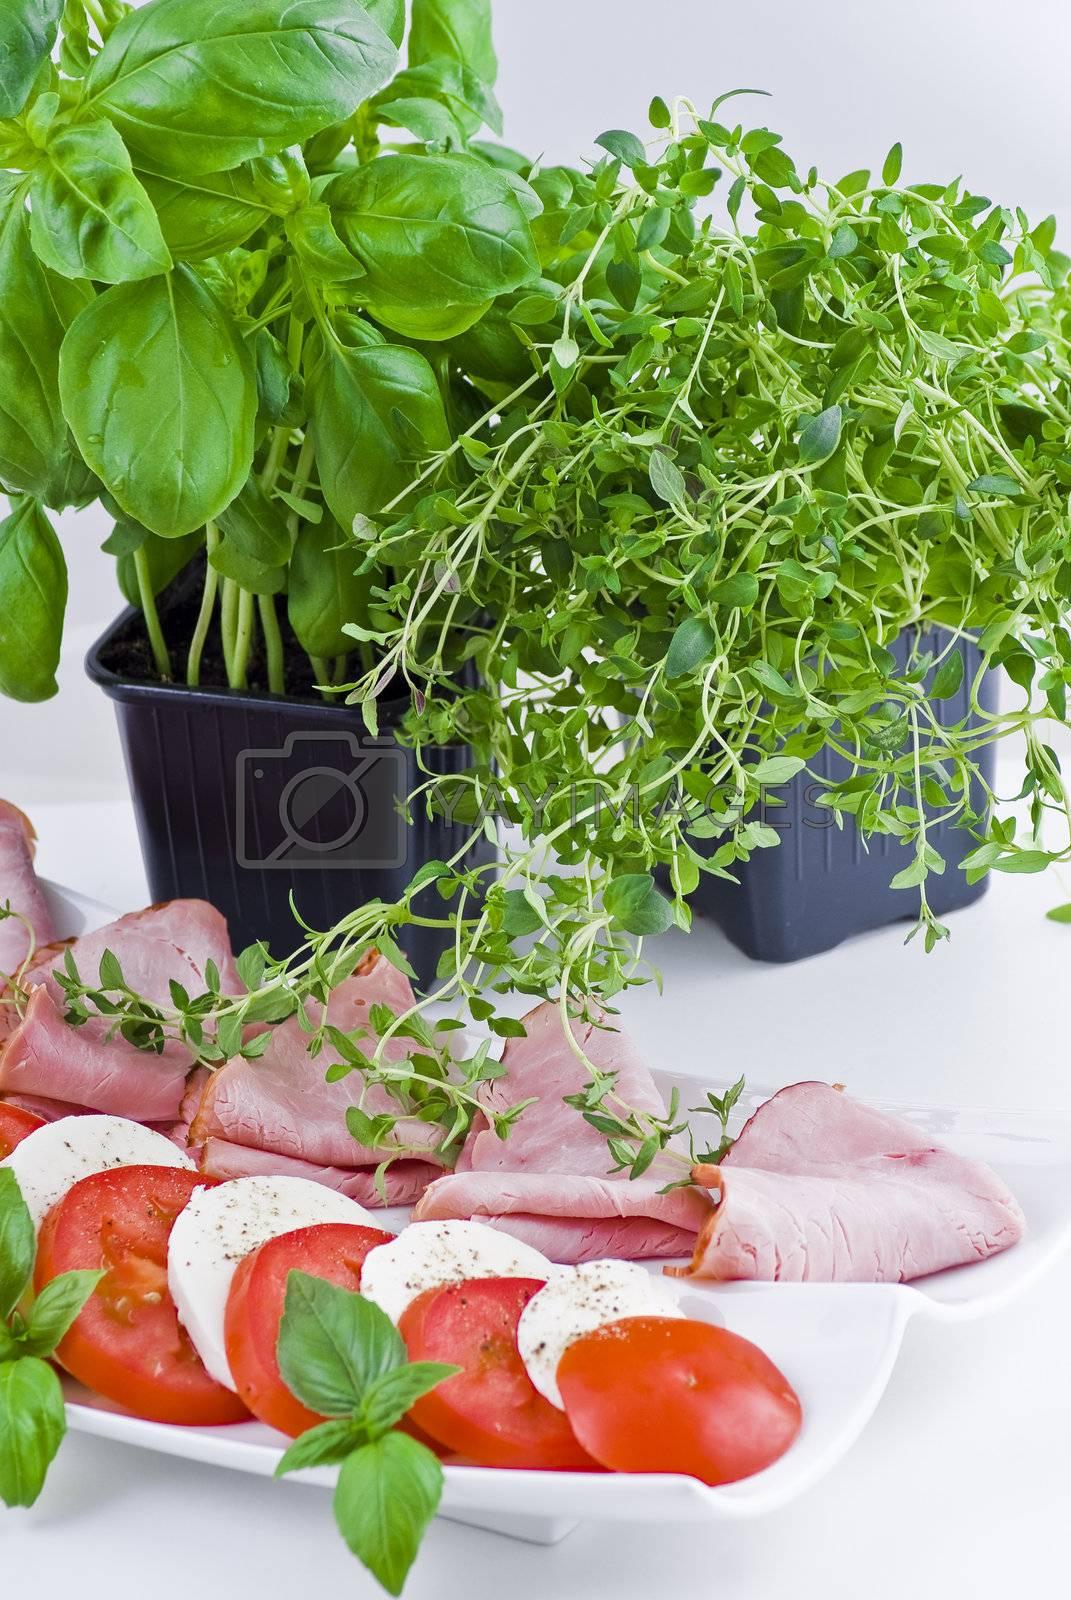 Tomato, mmozzarella and ham by caldix